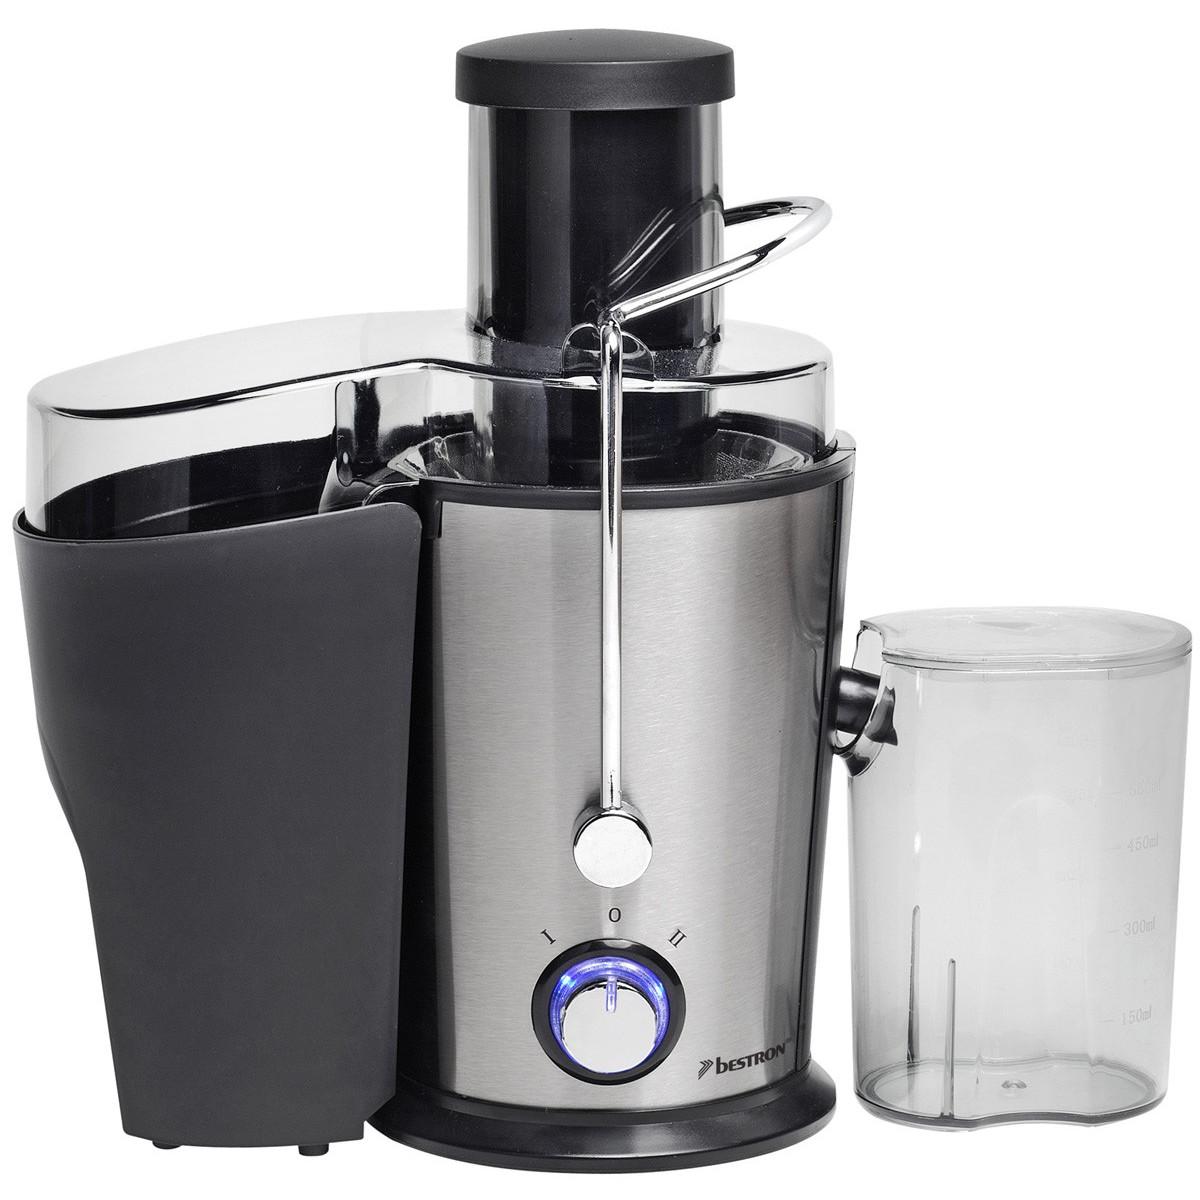 bestron centrifugeuse ags326 bestofrobots. Black Bedroom Furniture Sets. Home Design Ideas